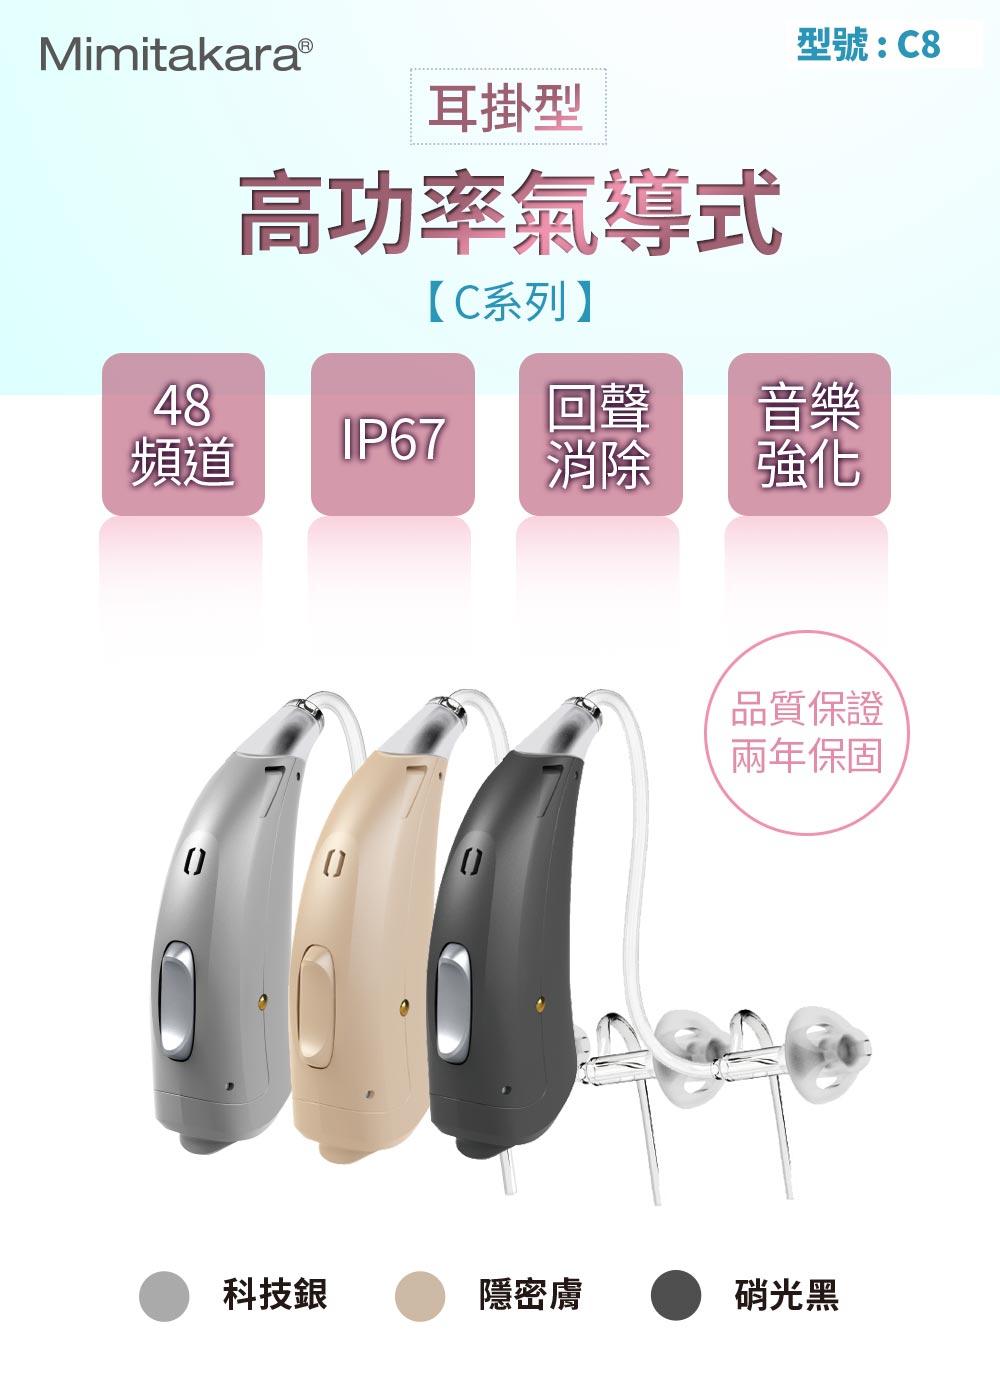 耳寶,C8,補助資訊,助聽器